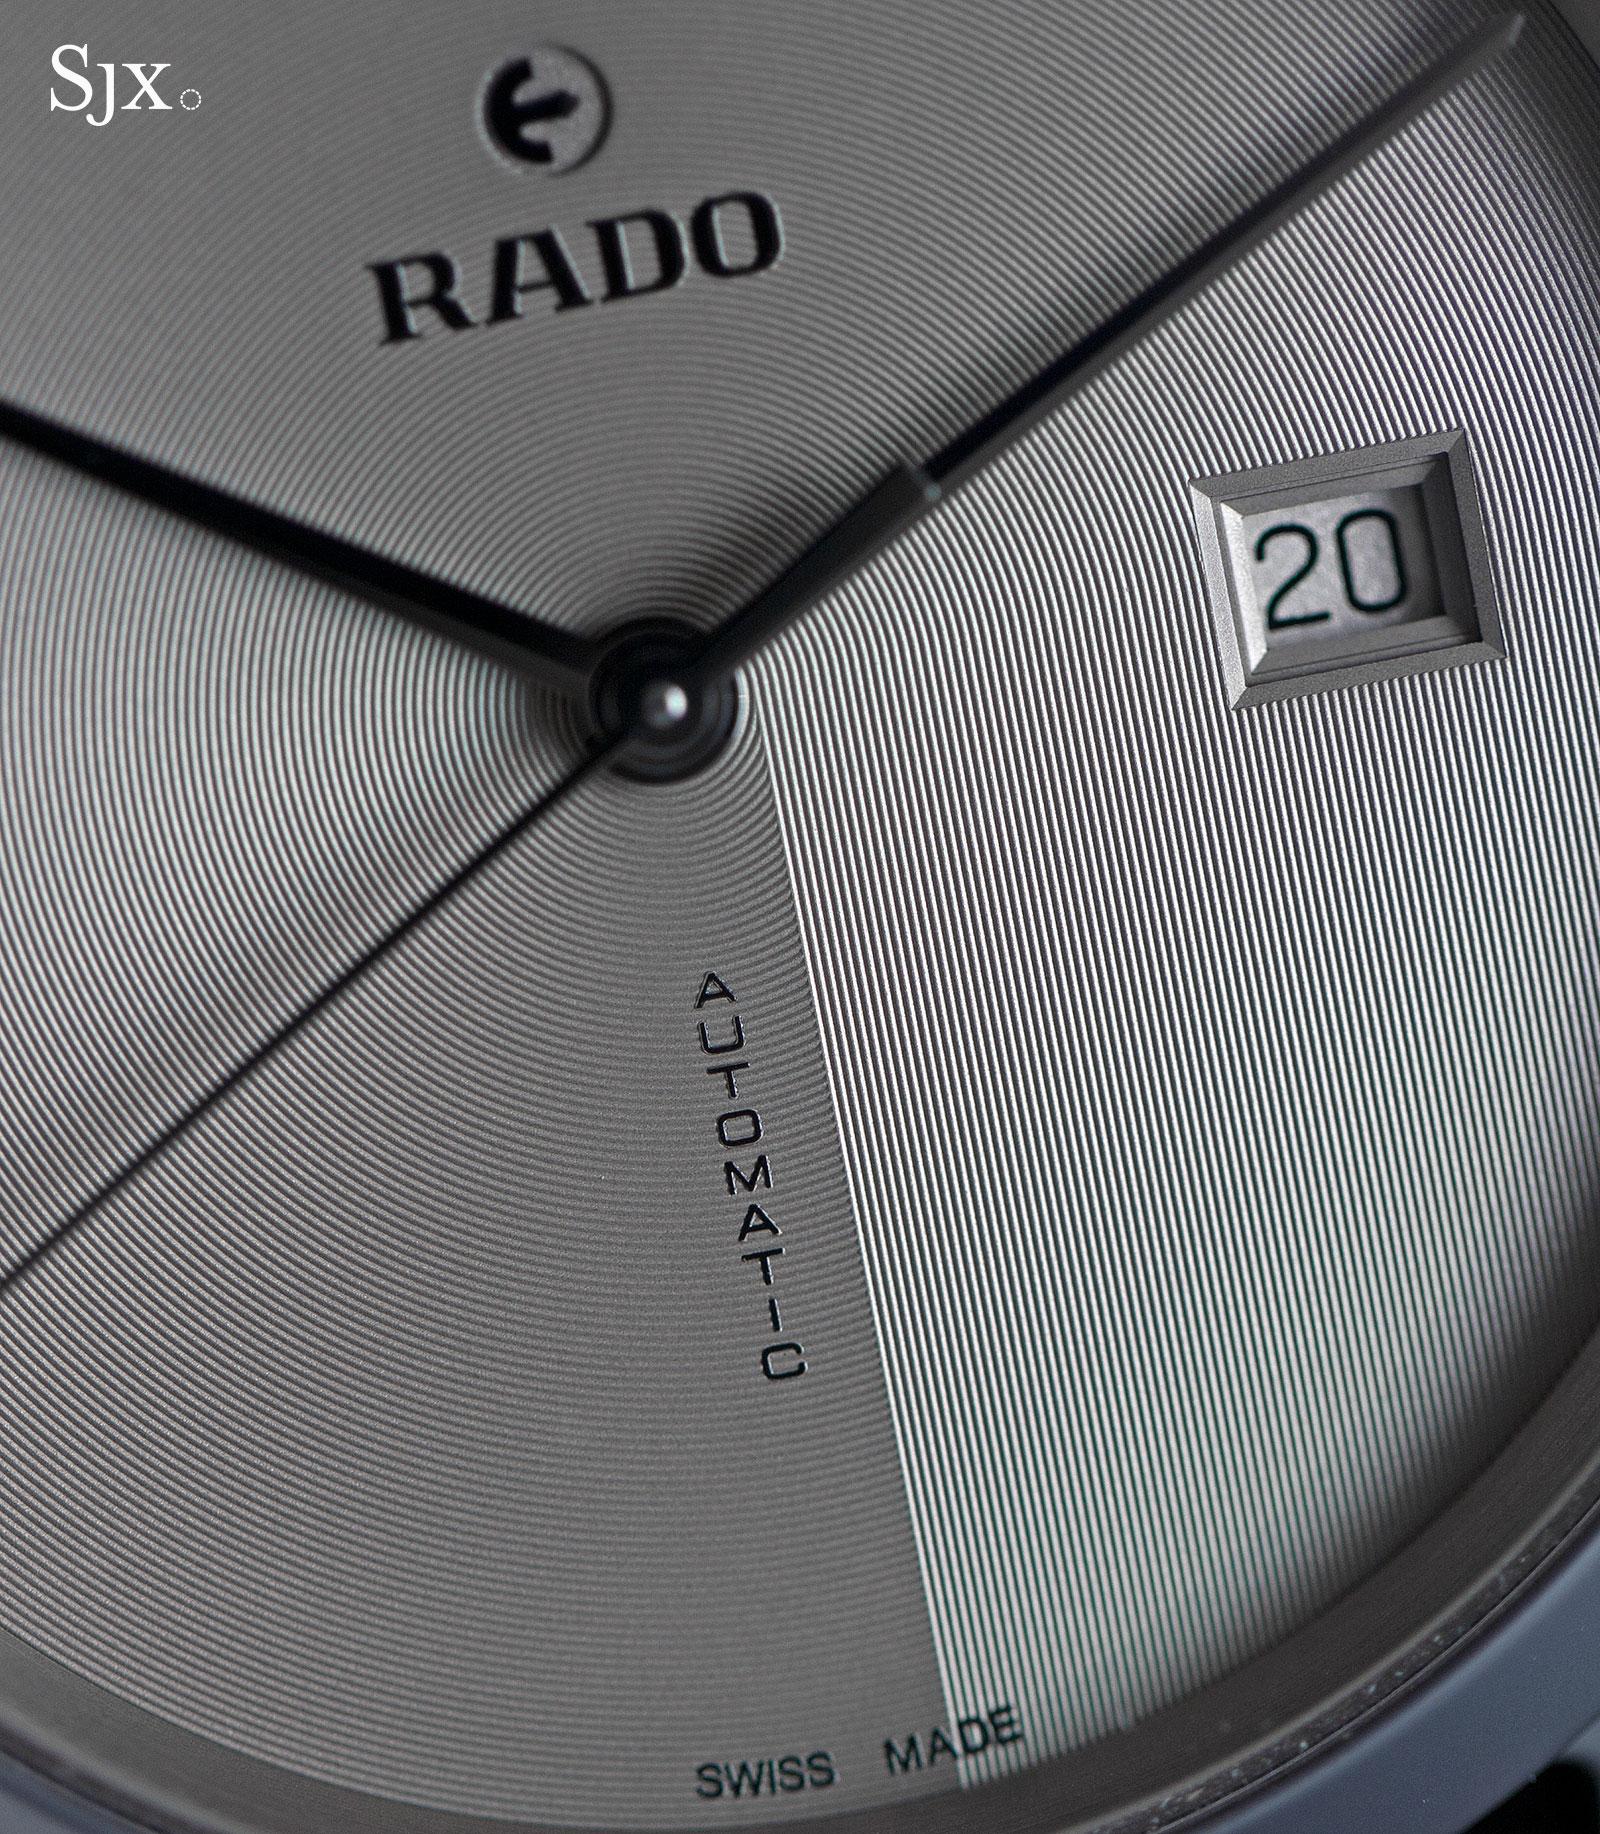 Rado HyperChrome Ultra Light 2